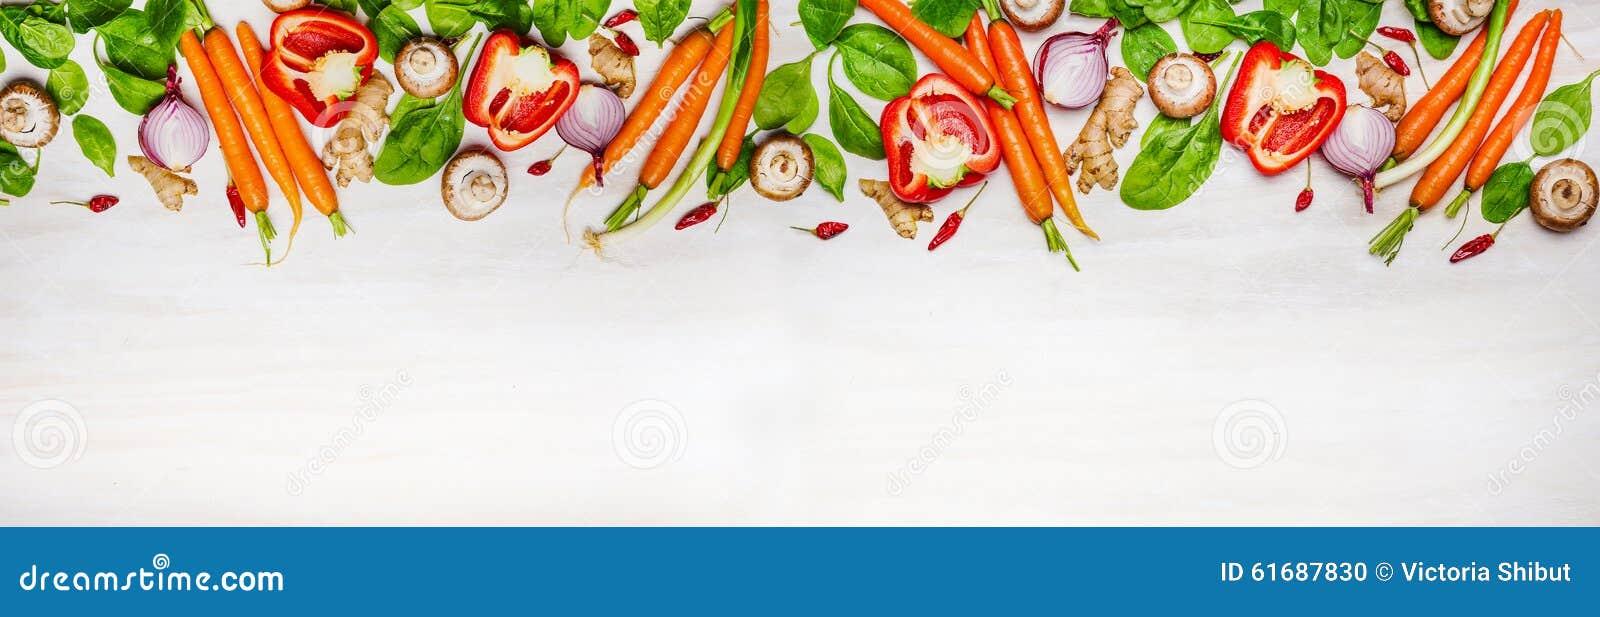 Blandade rå organiska grönsaker och ingredienser för sund matlagning på vit träbakgrund, bästa sikt, baner